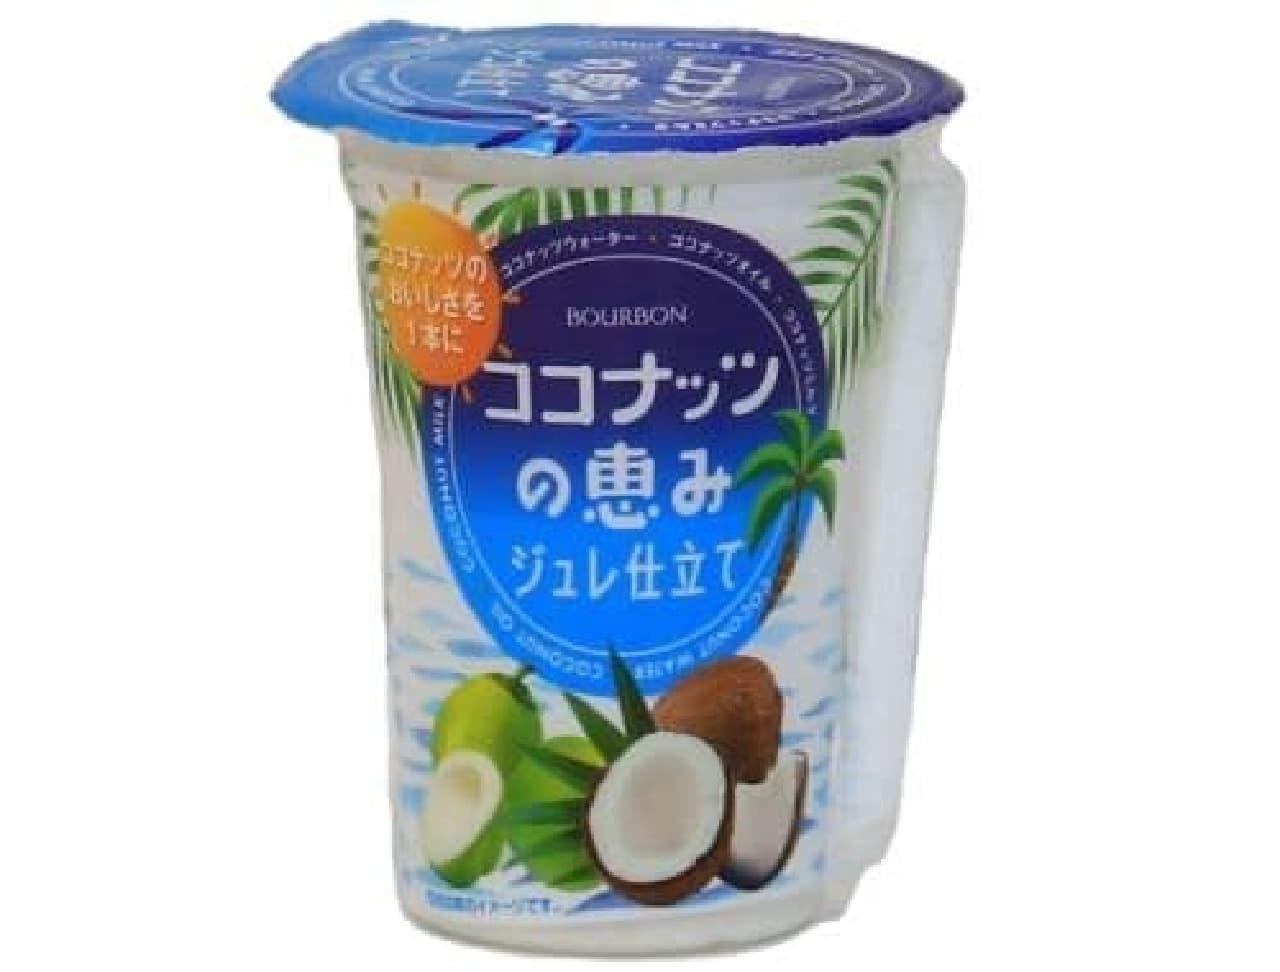 ココナッツの恵みジュレ仕立て」は、ココナッツウォーターをメインにココナッツミルクなどが組合されたジュレ仕立てのドリンクゼリー